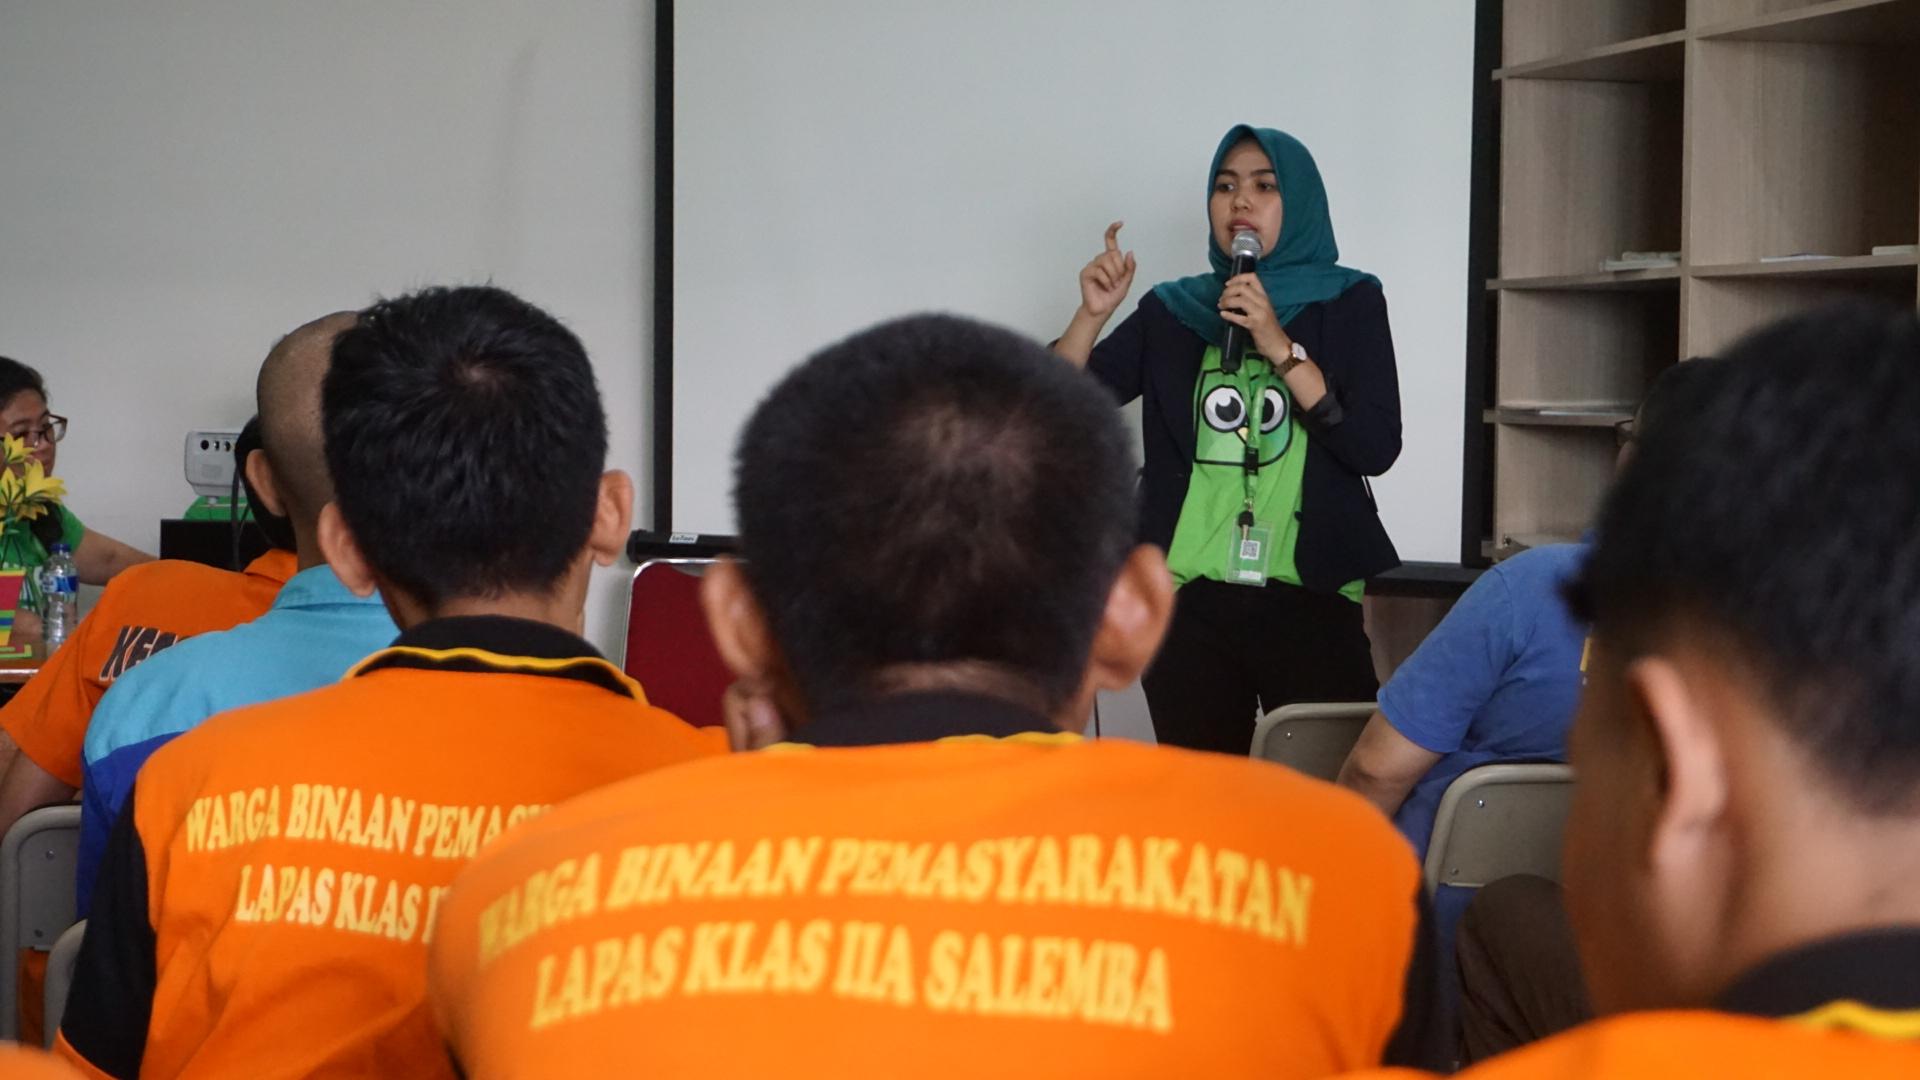 Gandeng Tokopedia, Lapas Salemba Edukasi Warga Binaan Cara Bisnis Online